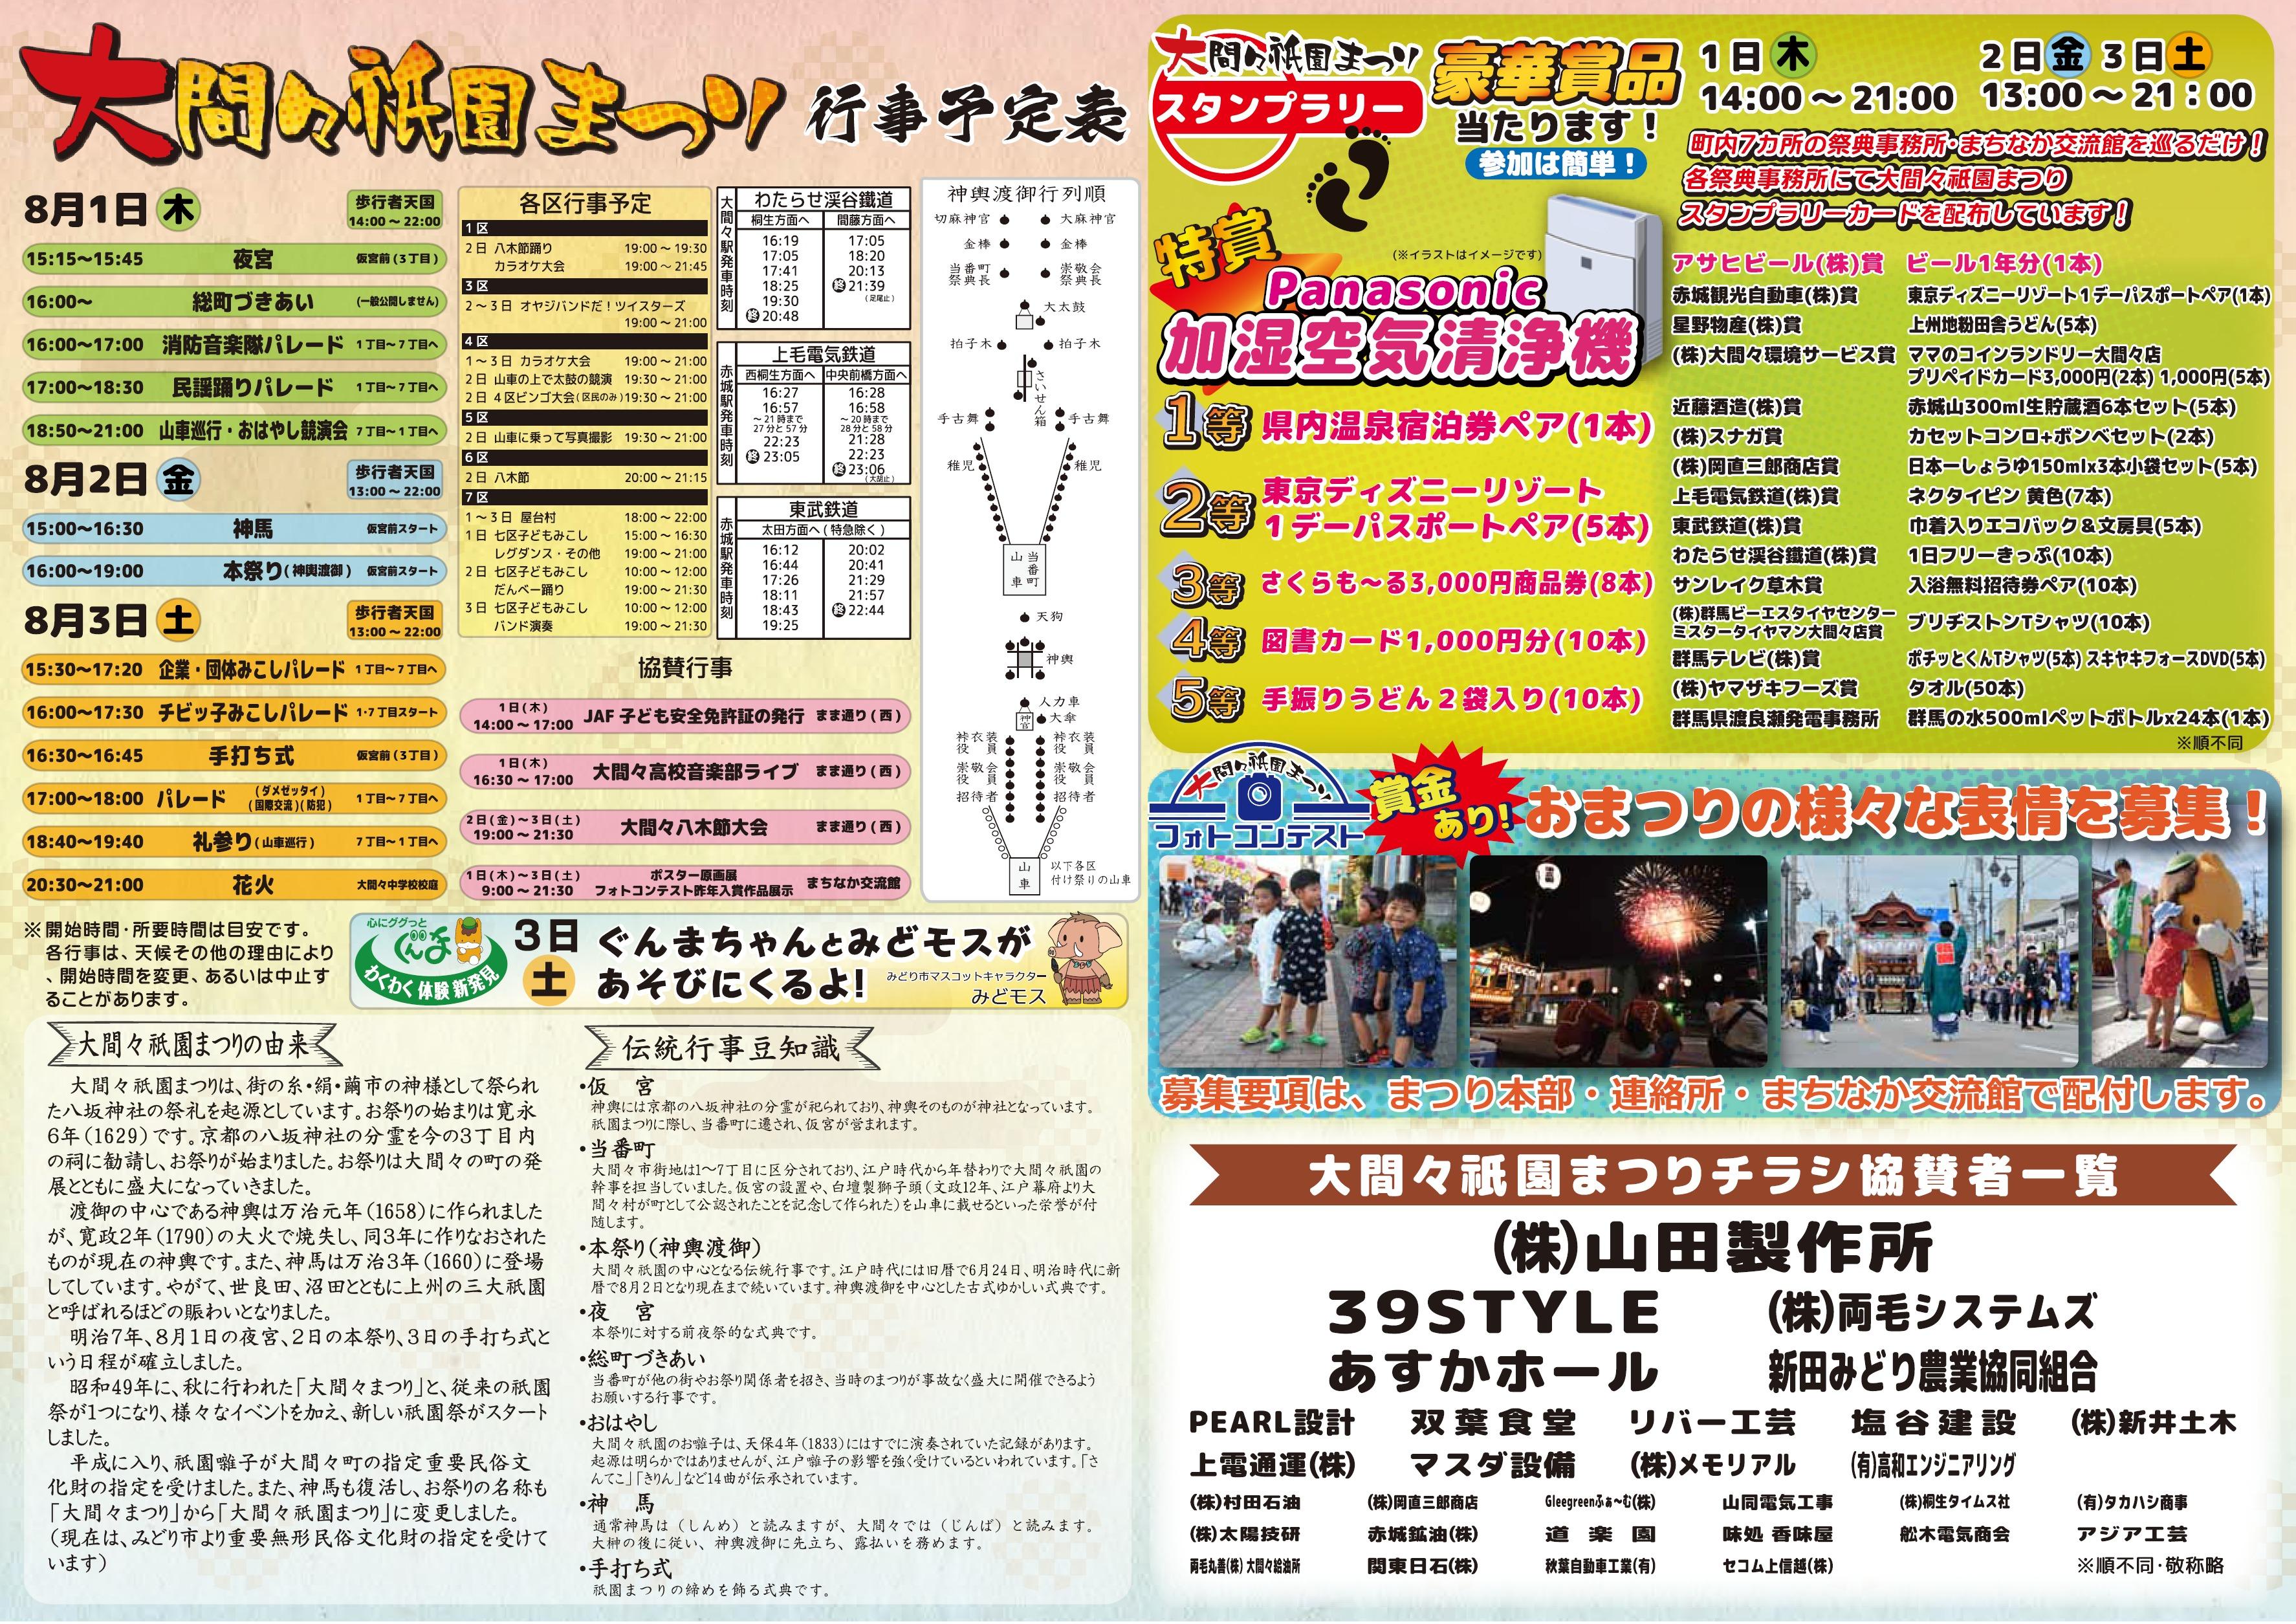 大間々祇園まつり PDF